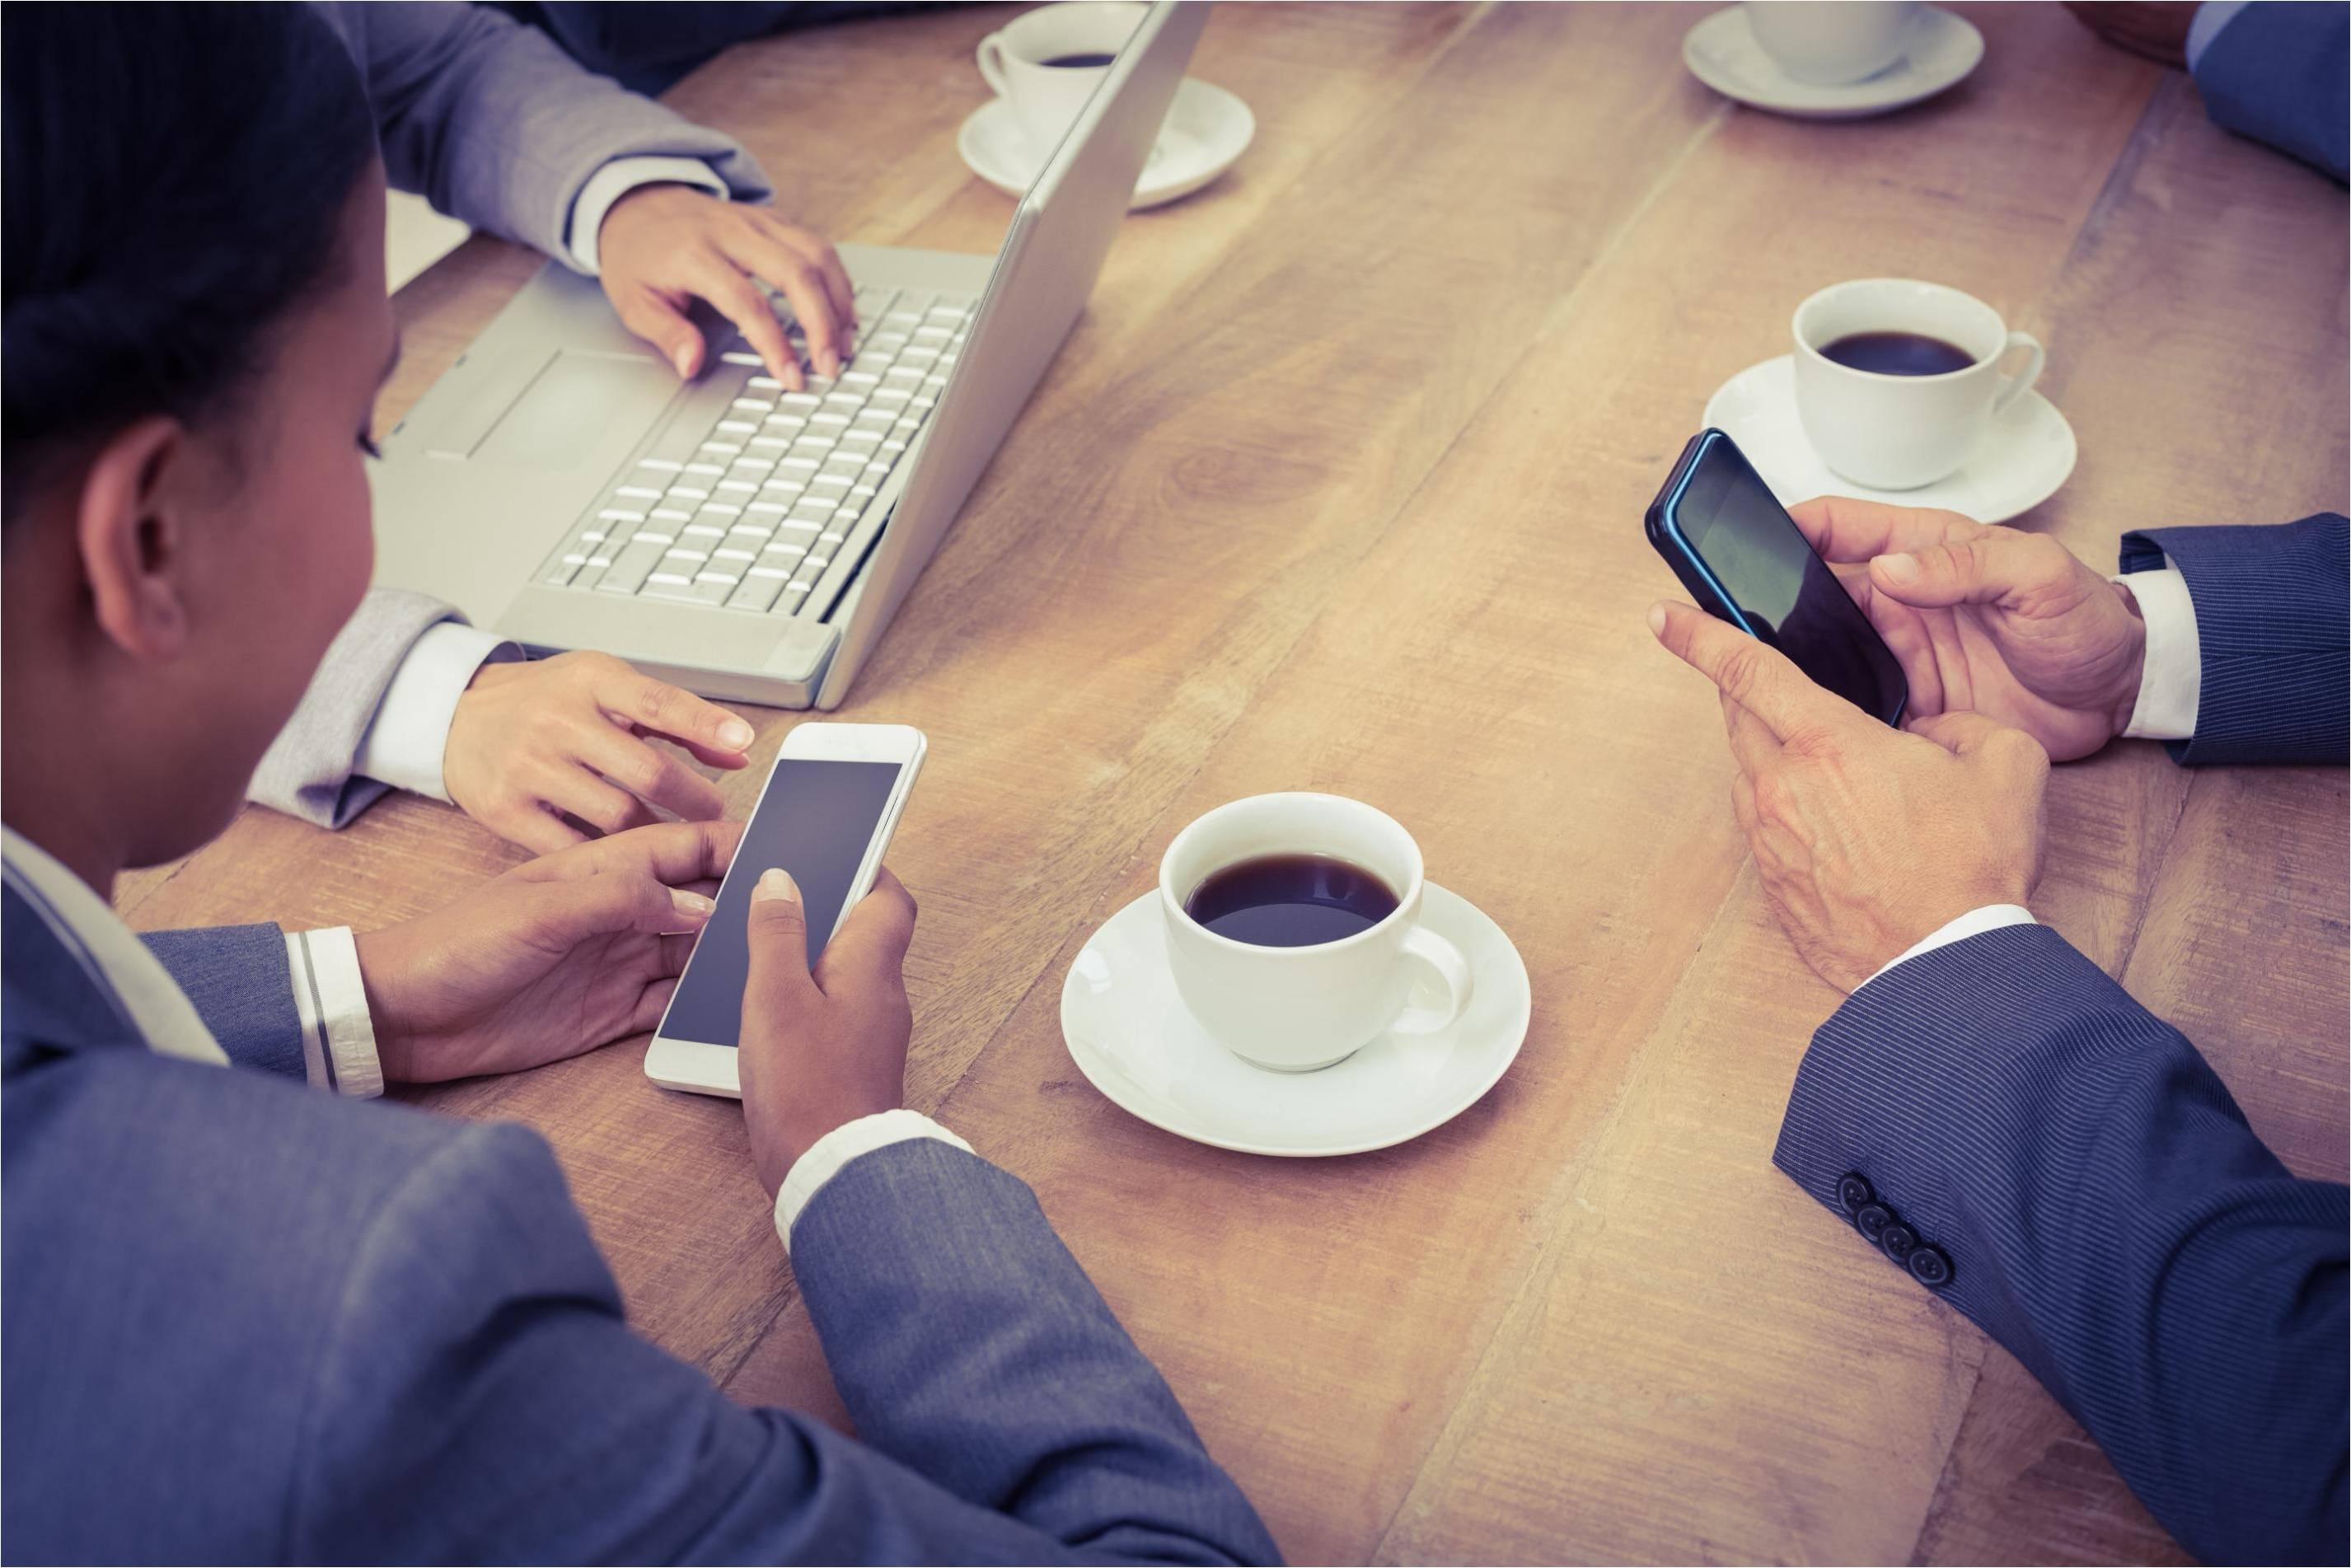 Enterprise-mobility-opportunities, Jit Goel, XCEL Corp Jit Goel